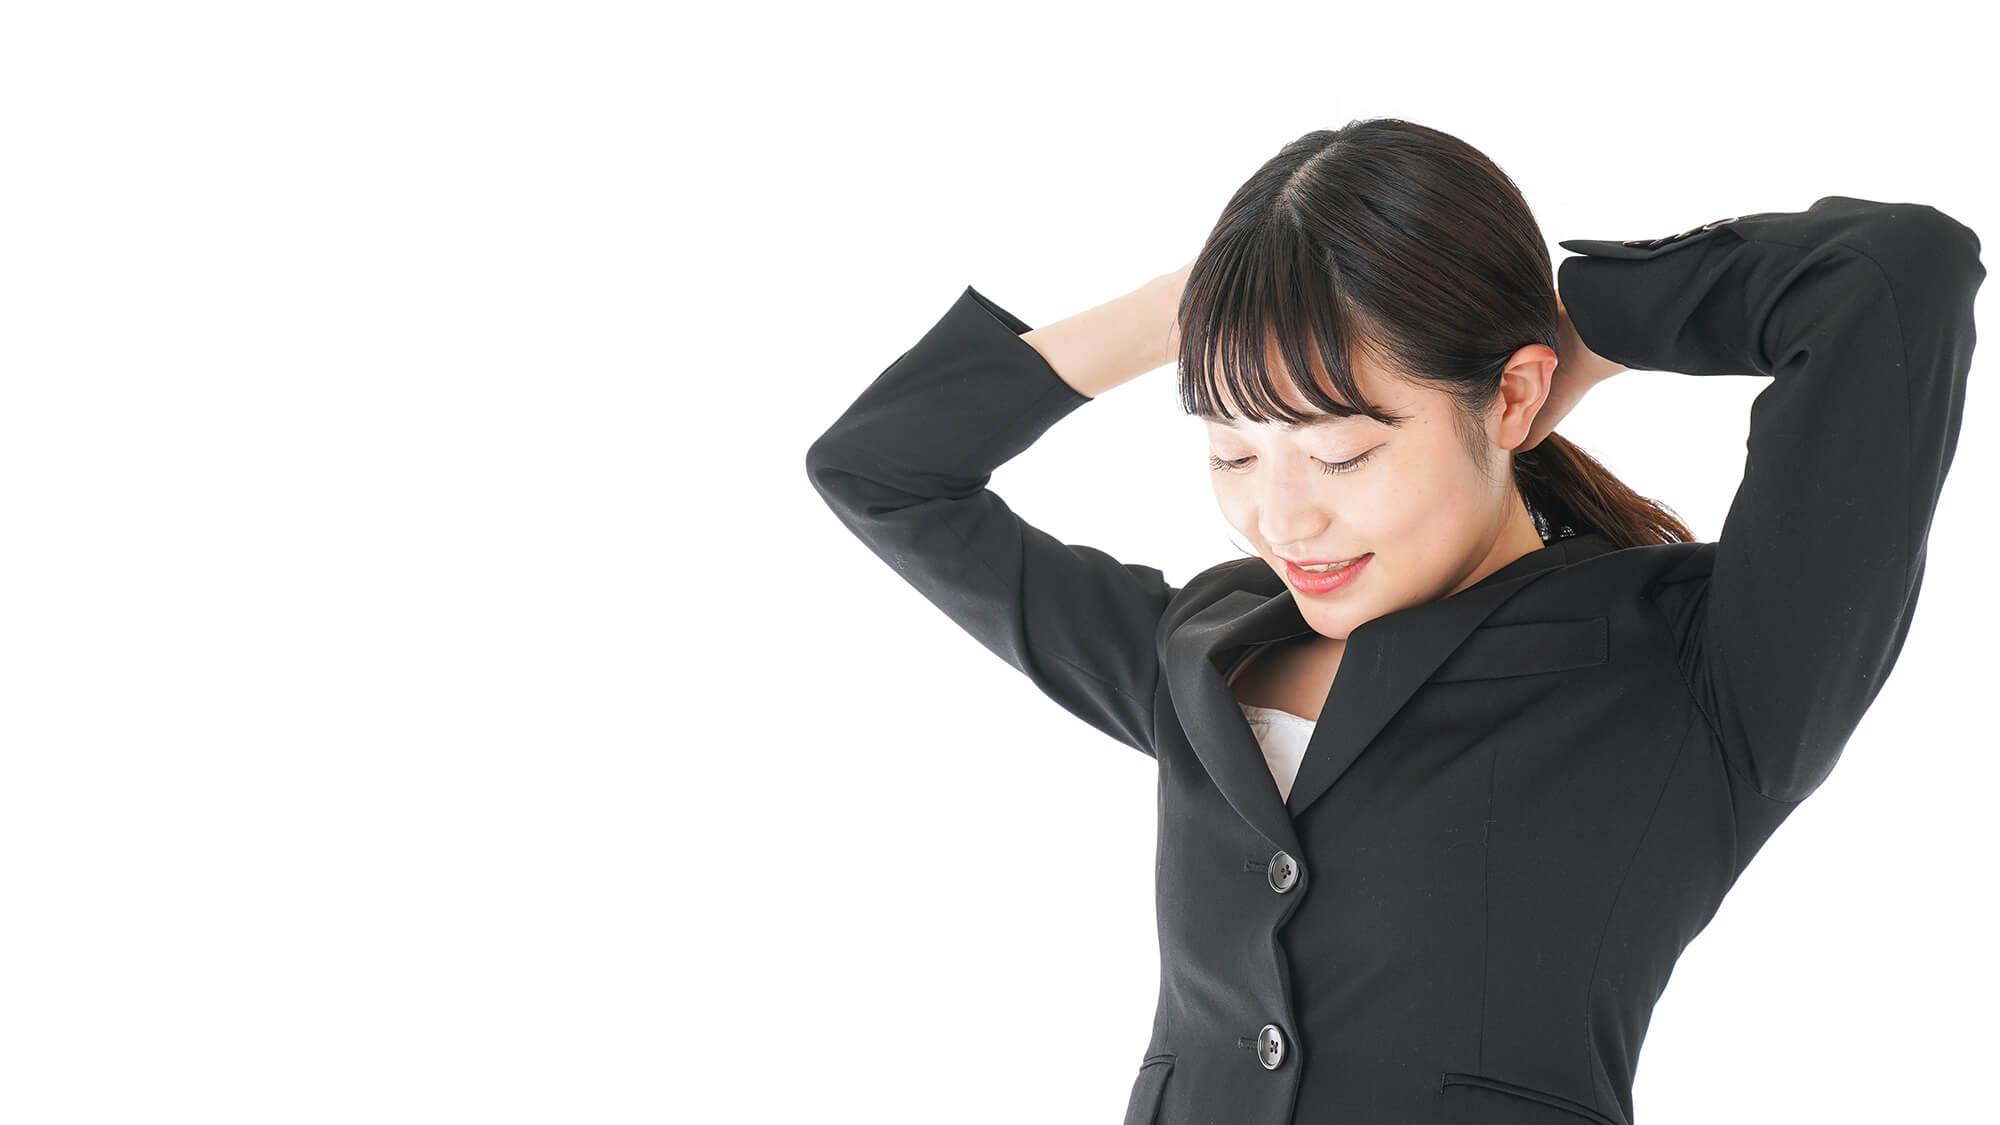 【プロのヘアメイク監修】顔の形に合った就活用ヘアスタイルの選び方(女性編)